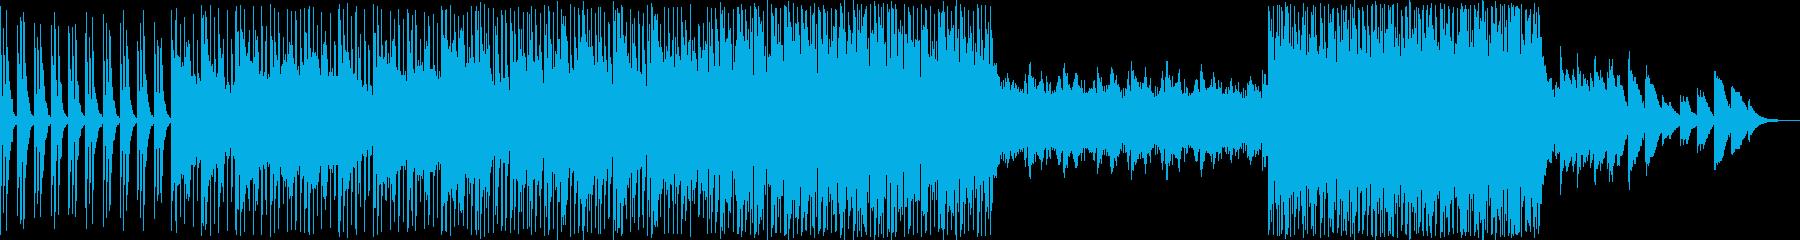 軽快シンセと不思議なエレピのダンス風の曲の再生済みの波形